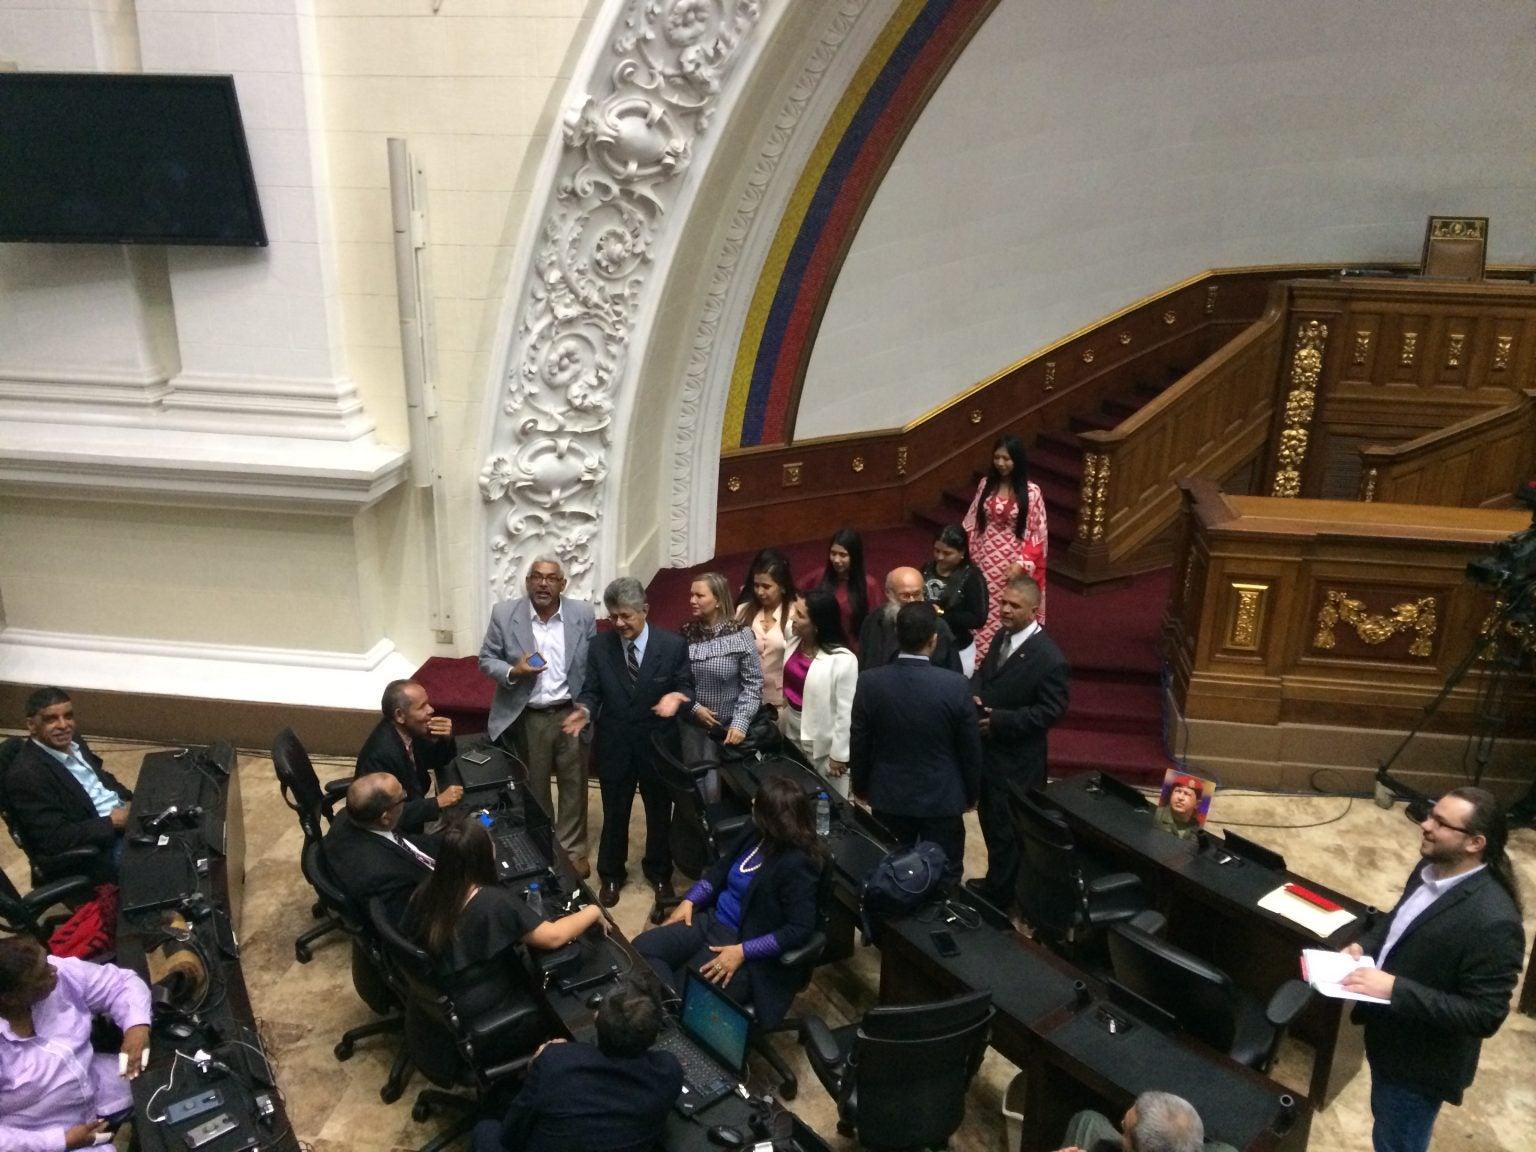 foto-geral-assembleia-nacional-1536x1152